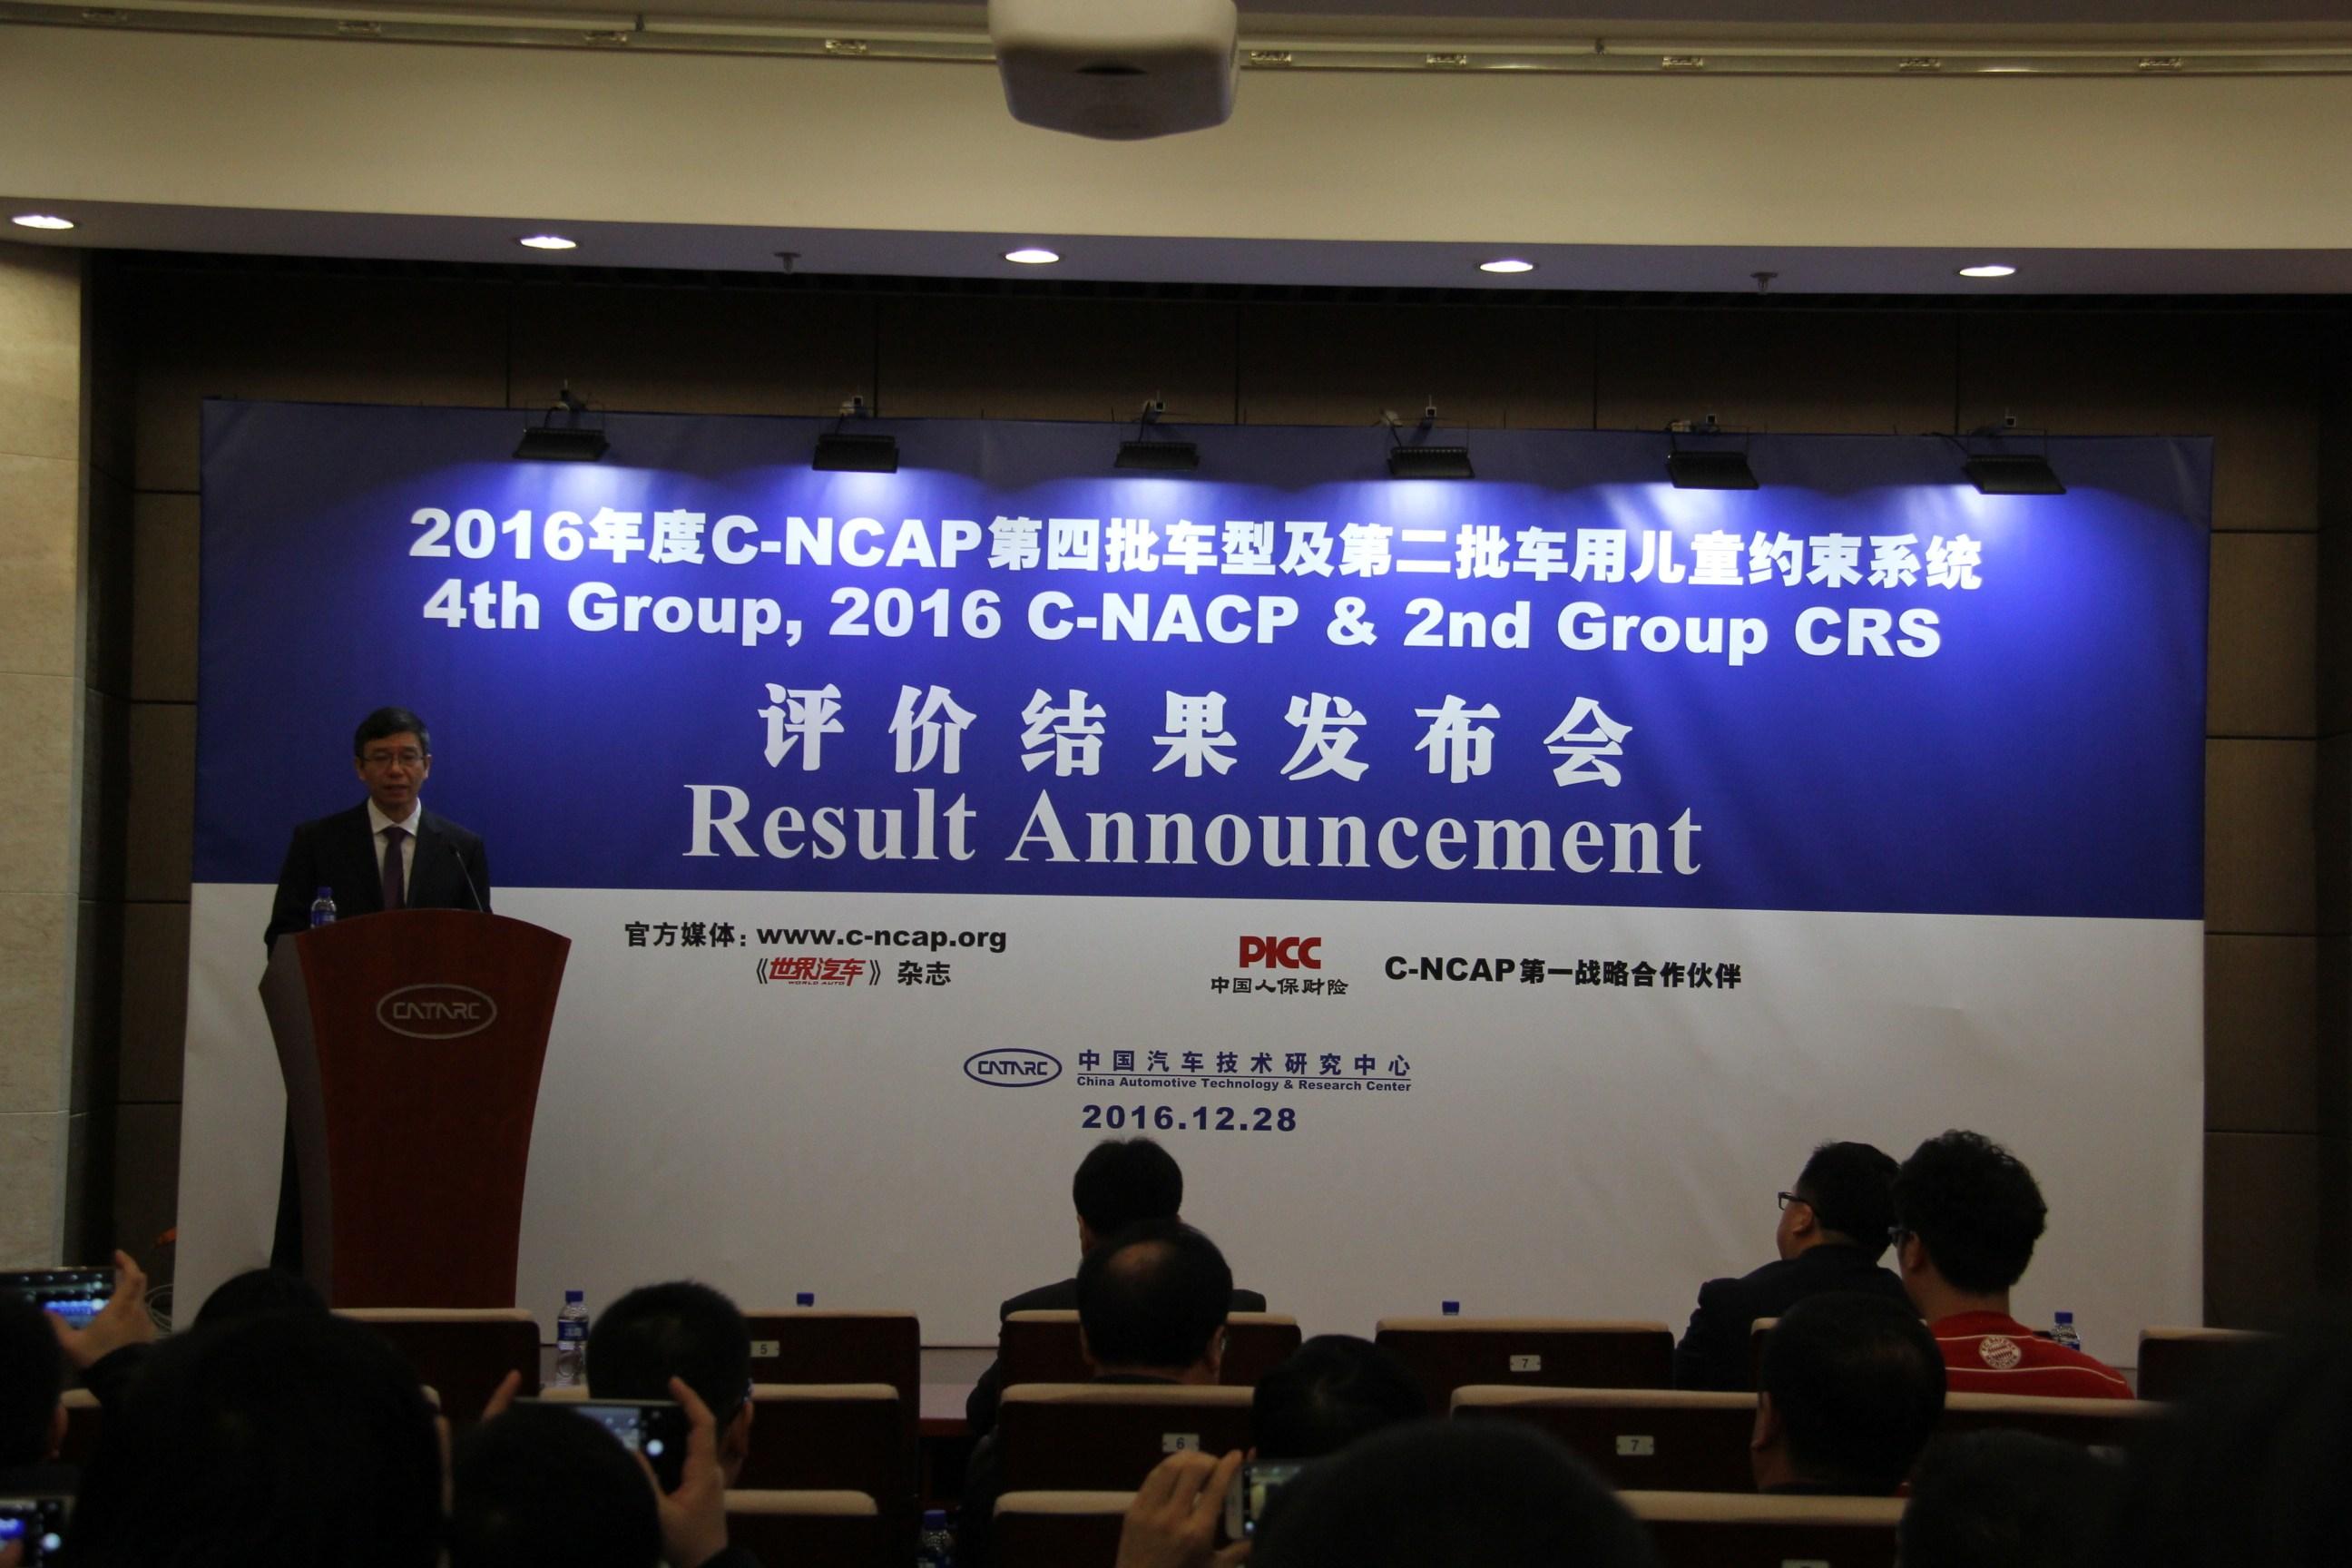 2016年度第四批C-NCAP评价车型结果发布